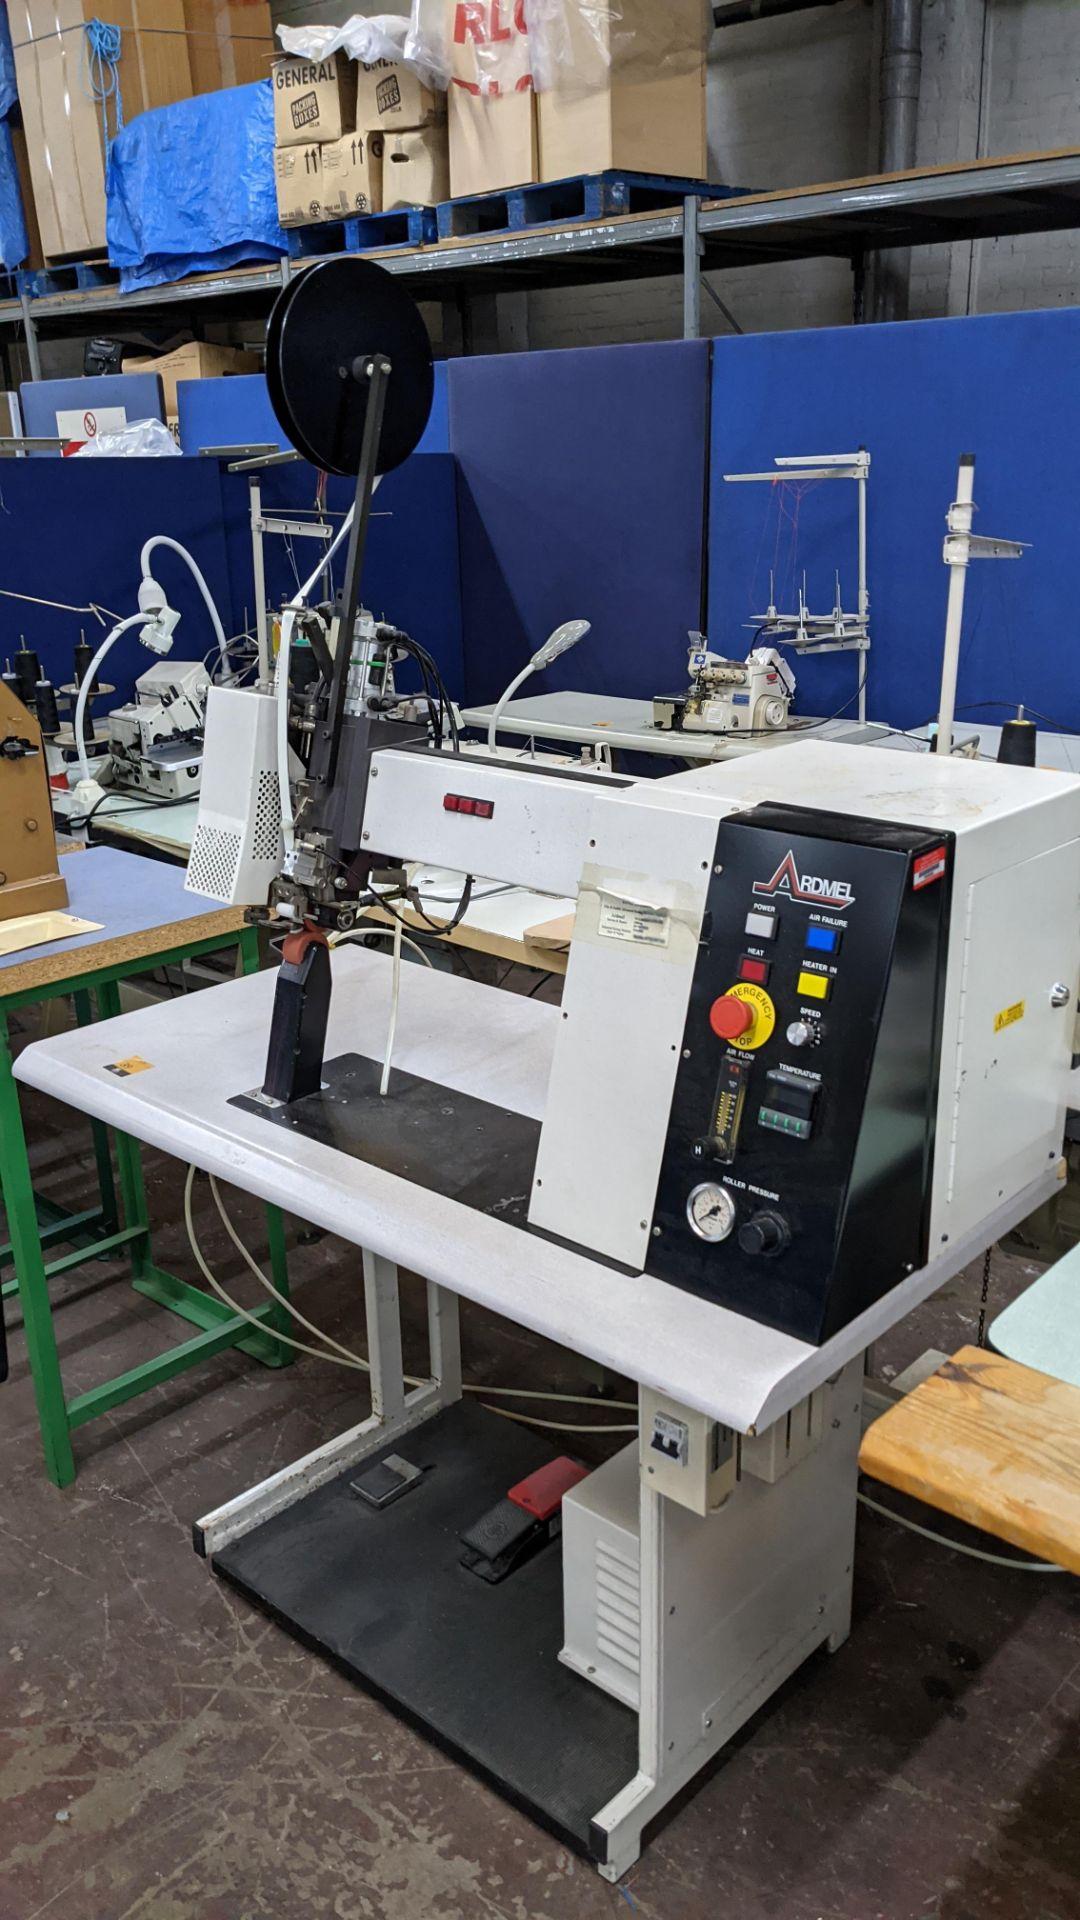 Ardmel seam sealing machine - Image 2 of 18